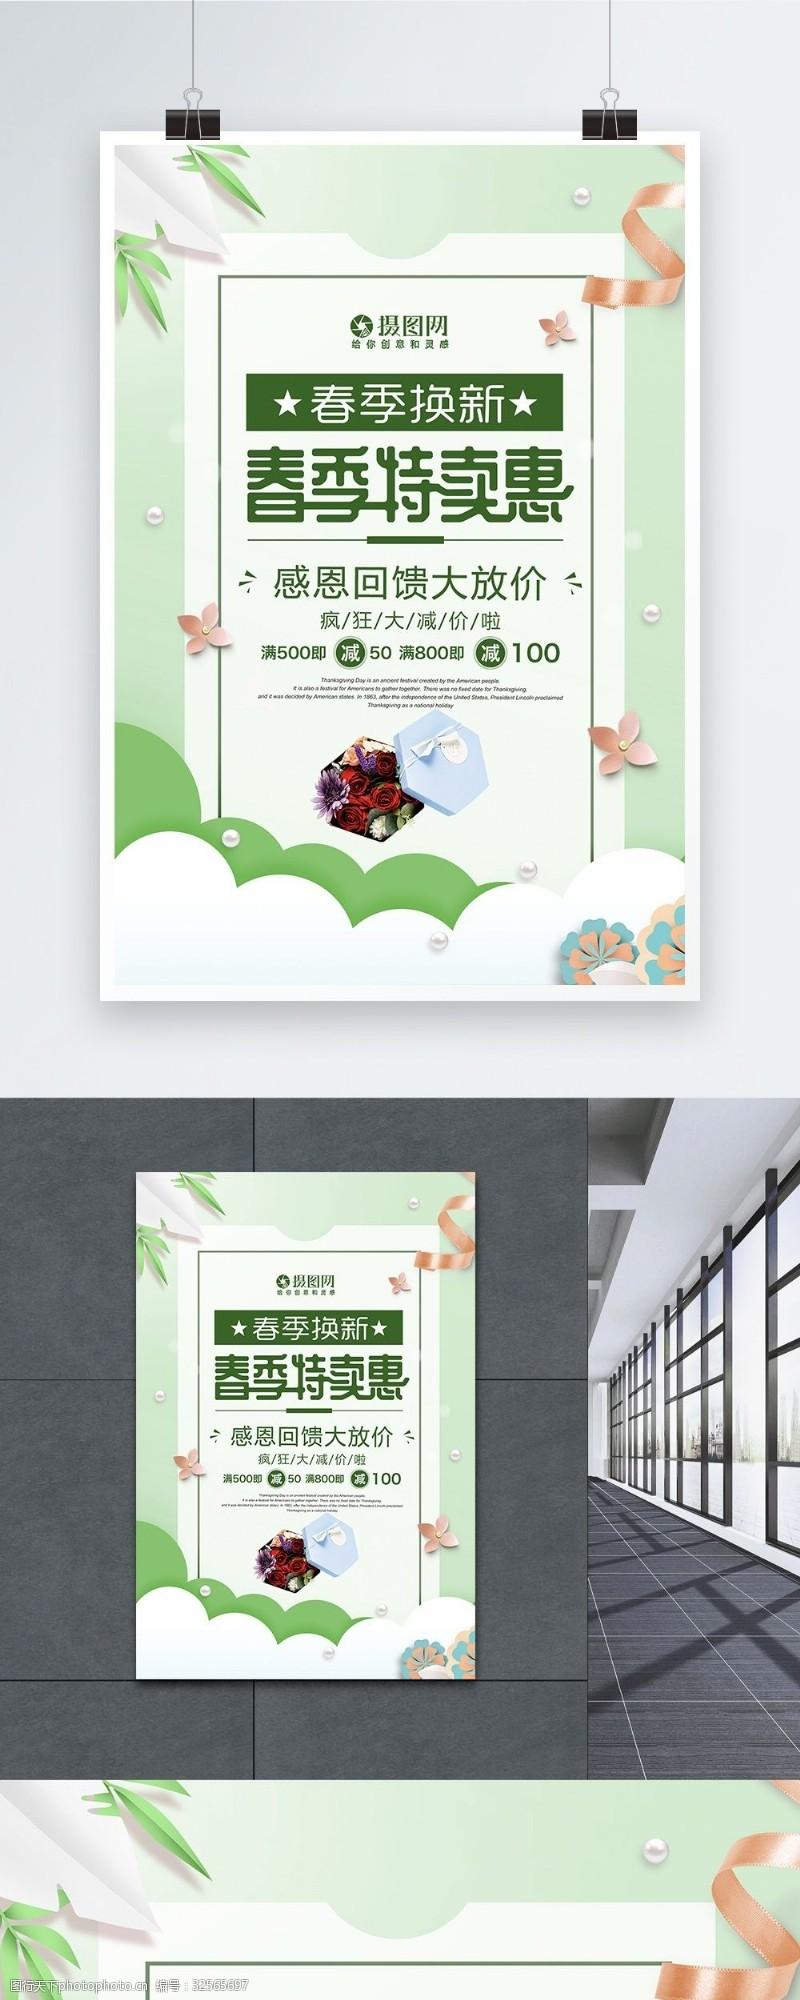 简约创意小清新春季特卖惠促销海报